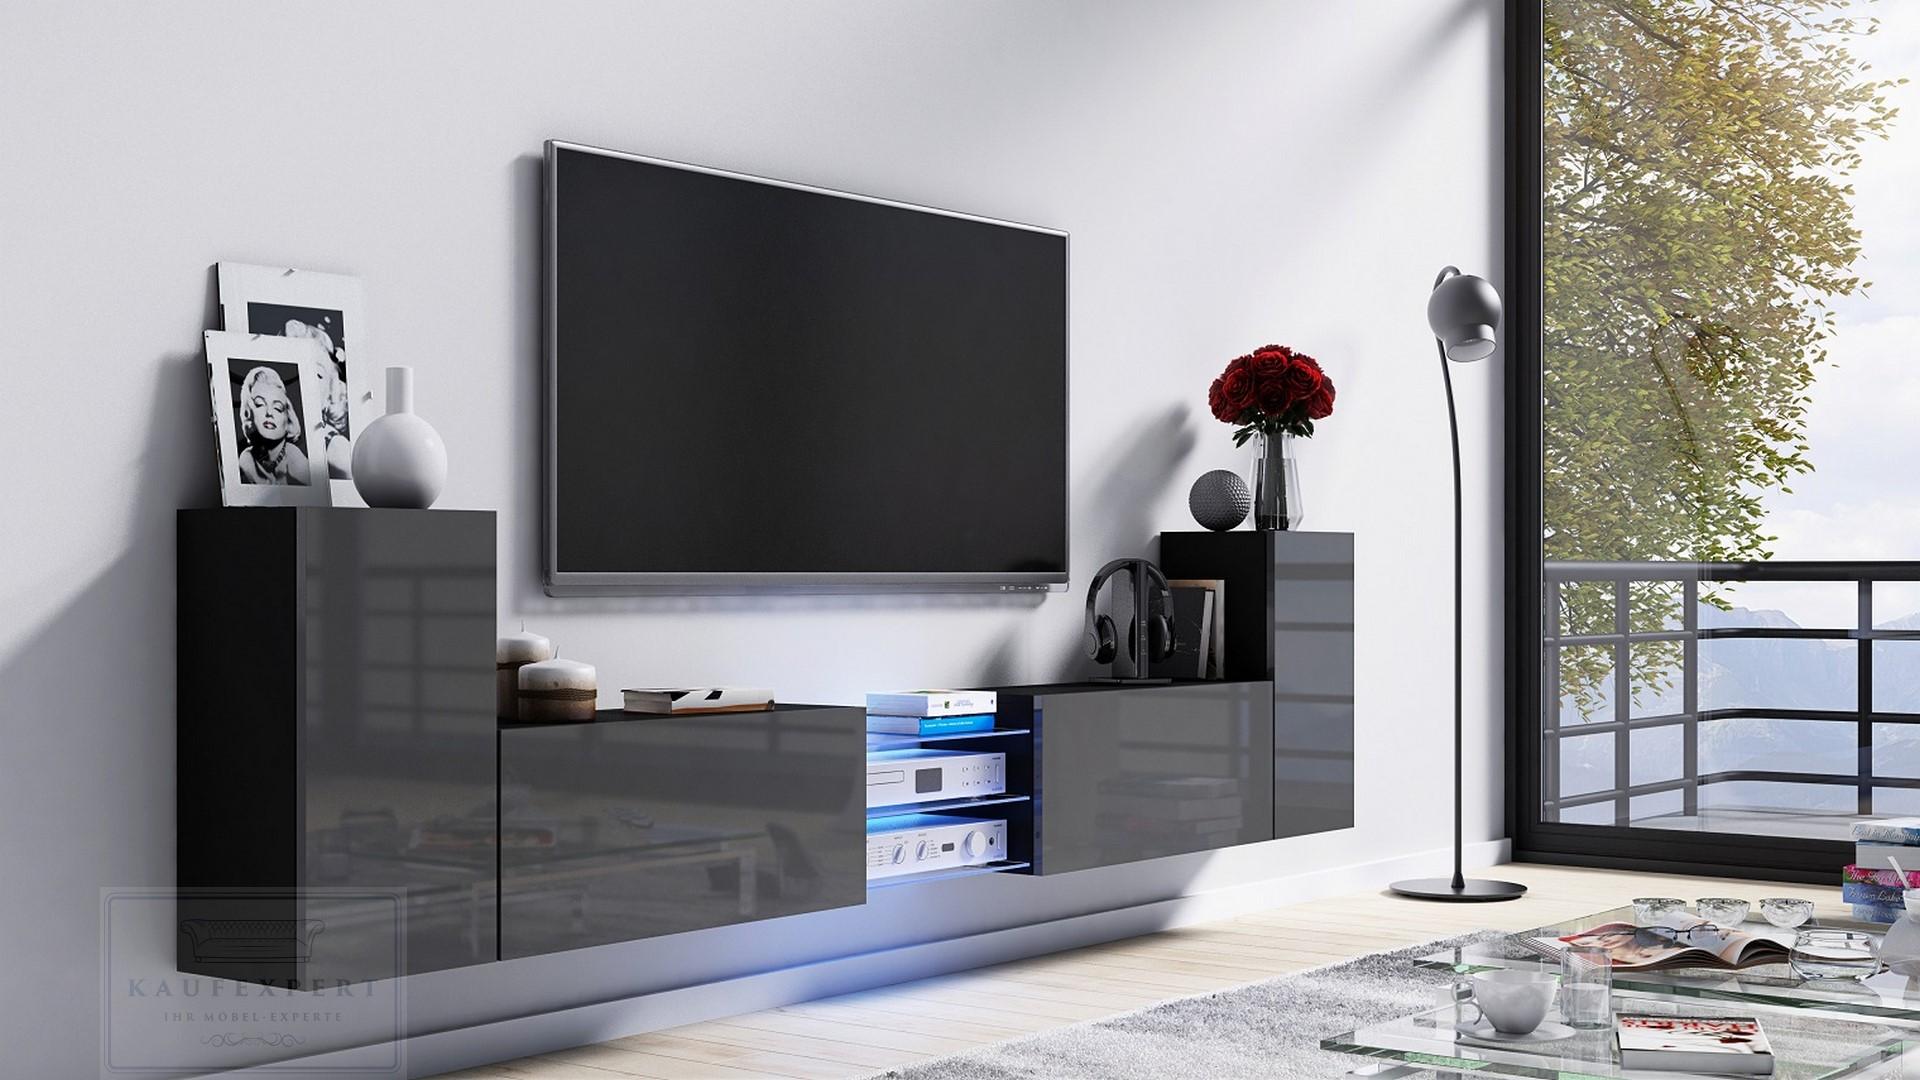 Kaufexpert Tv Lowboard Galaxy Grau Hochglanz Schwarz Mdf Design